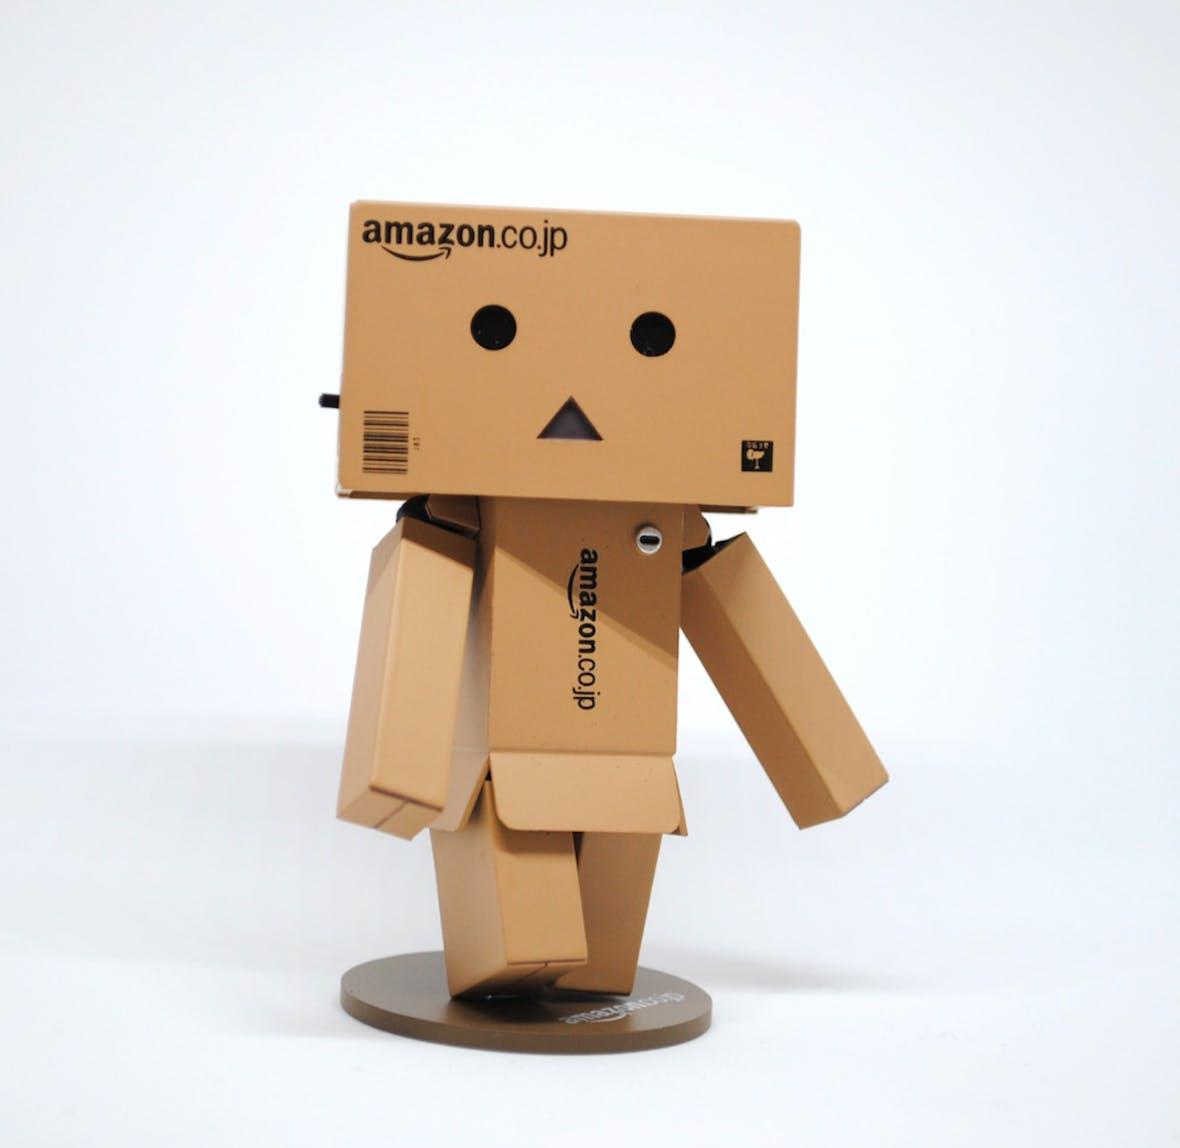 So schaffen Sie eine Firma wie Amazon aufzubauen